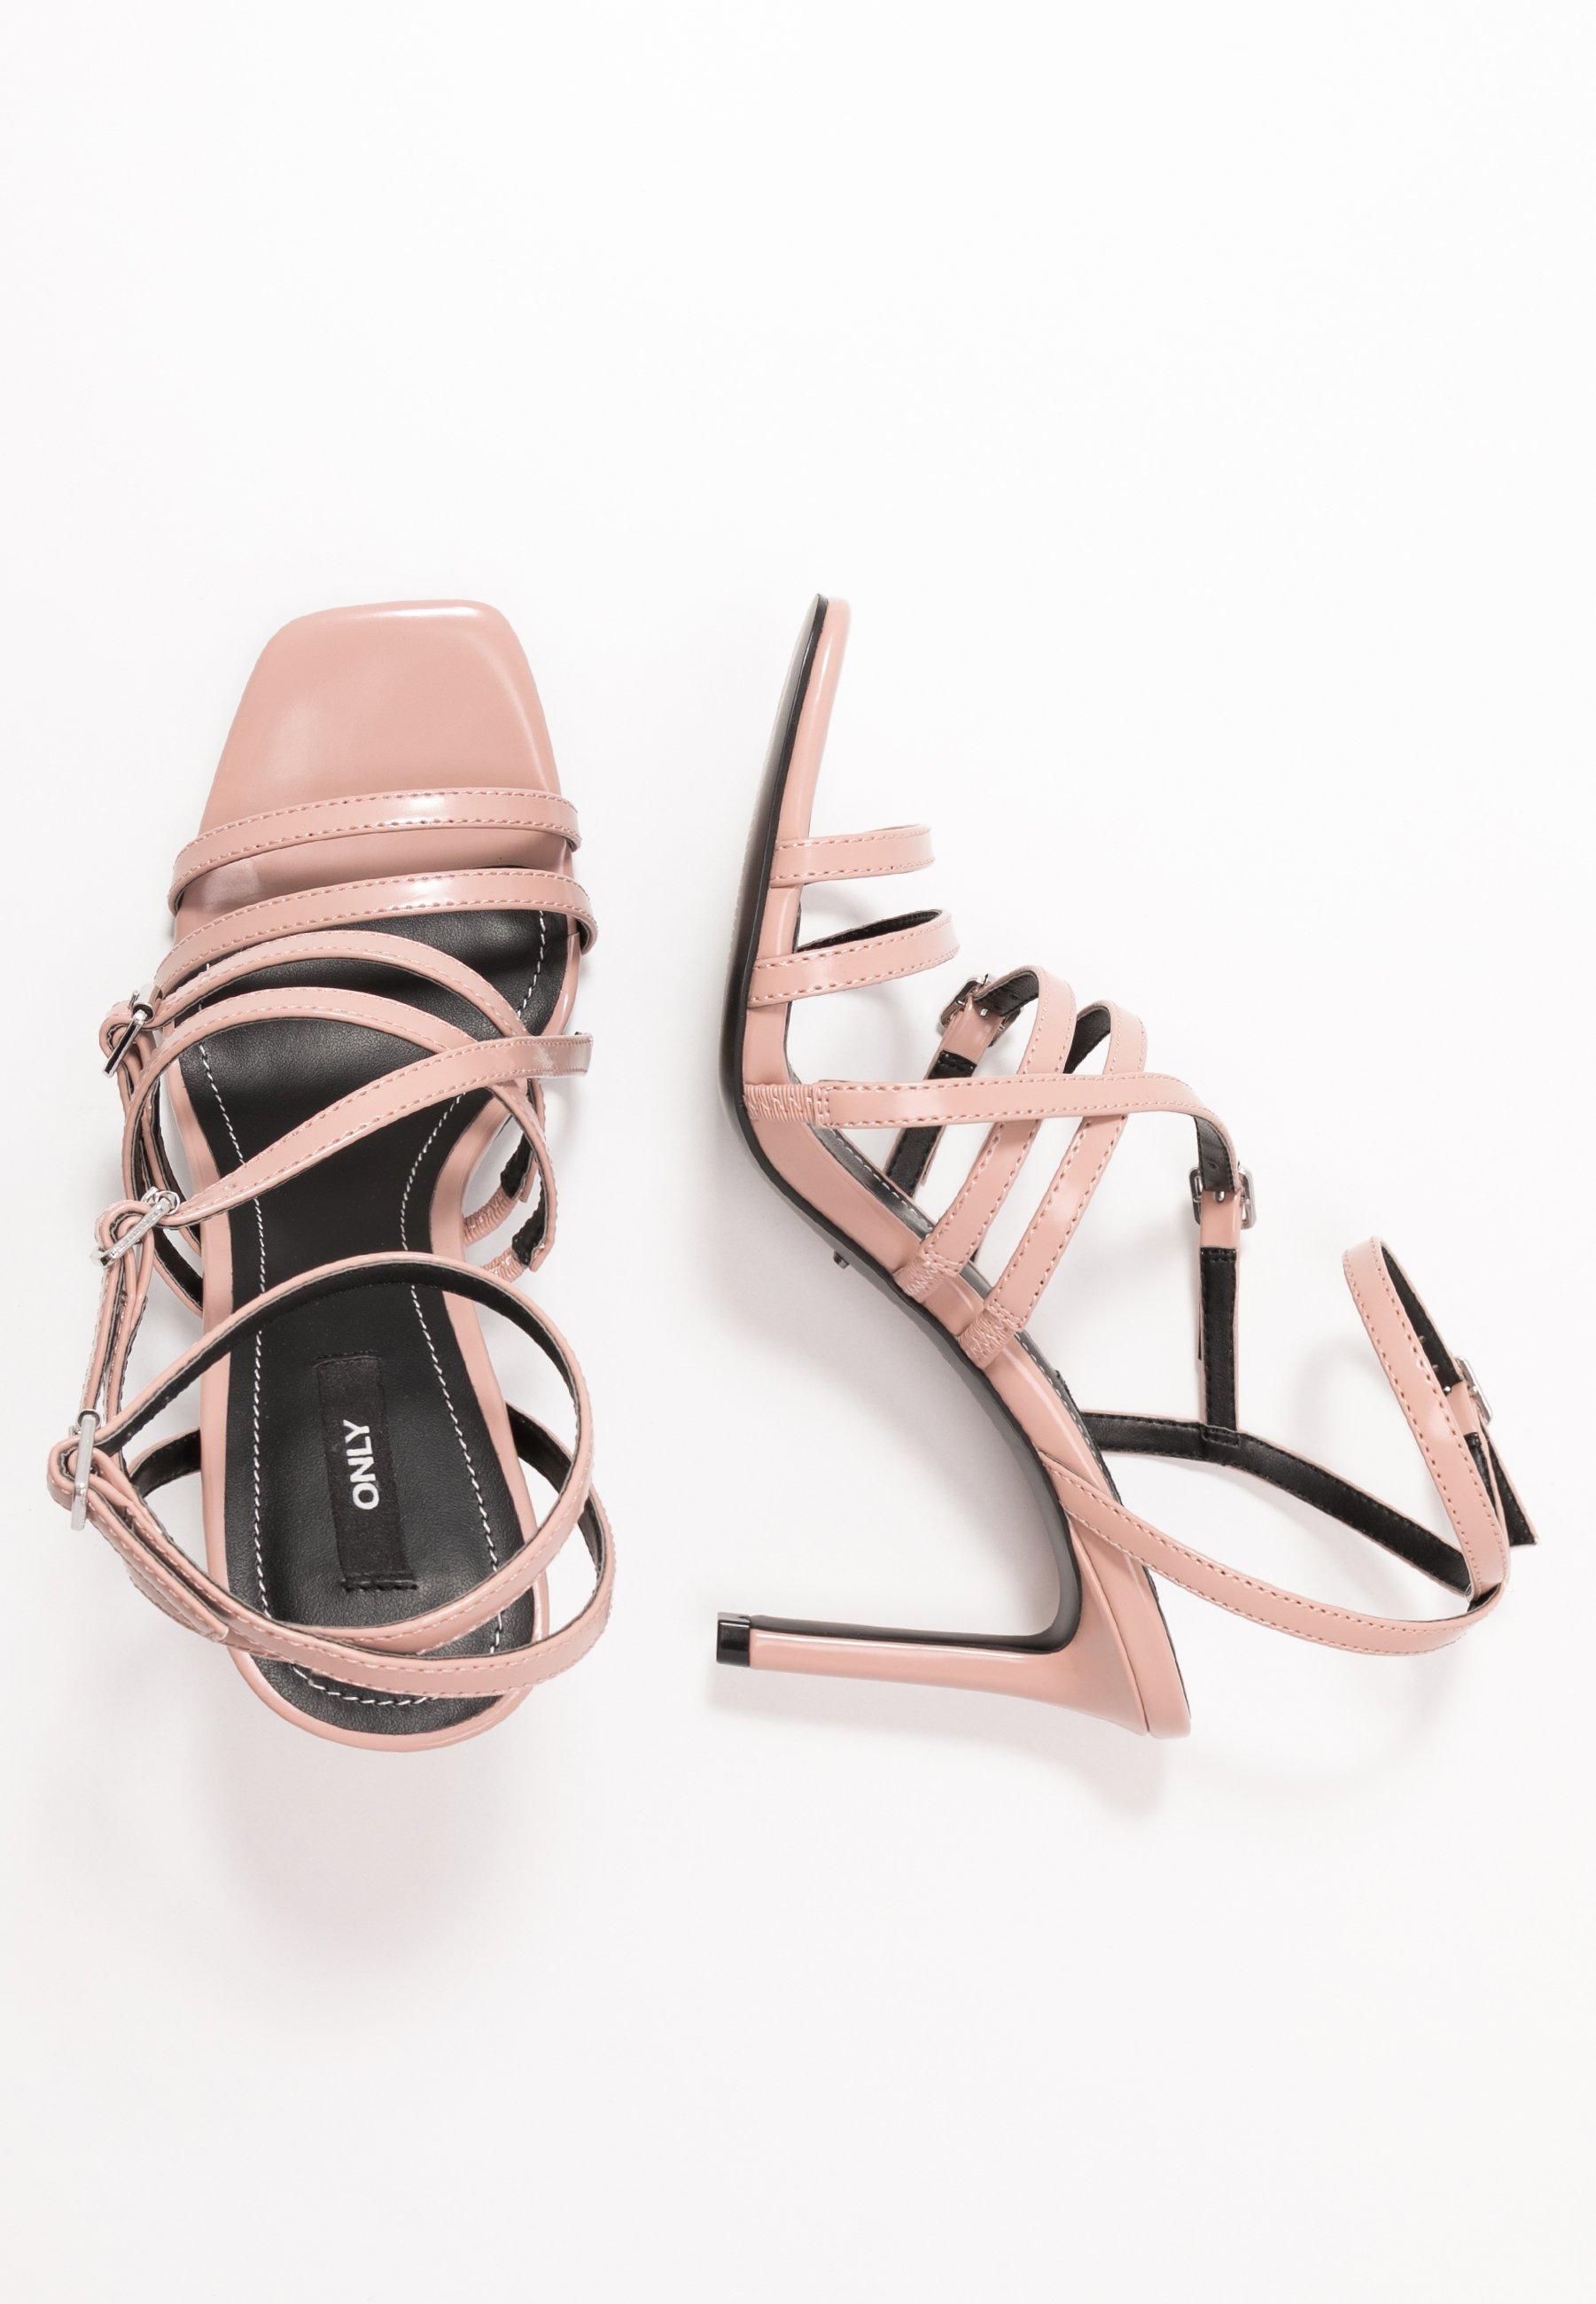 Only Shoes Onlalyx - Højhælede Sandaletter / Sandaler Nude